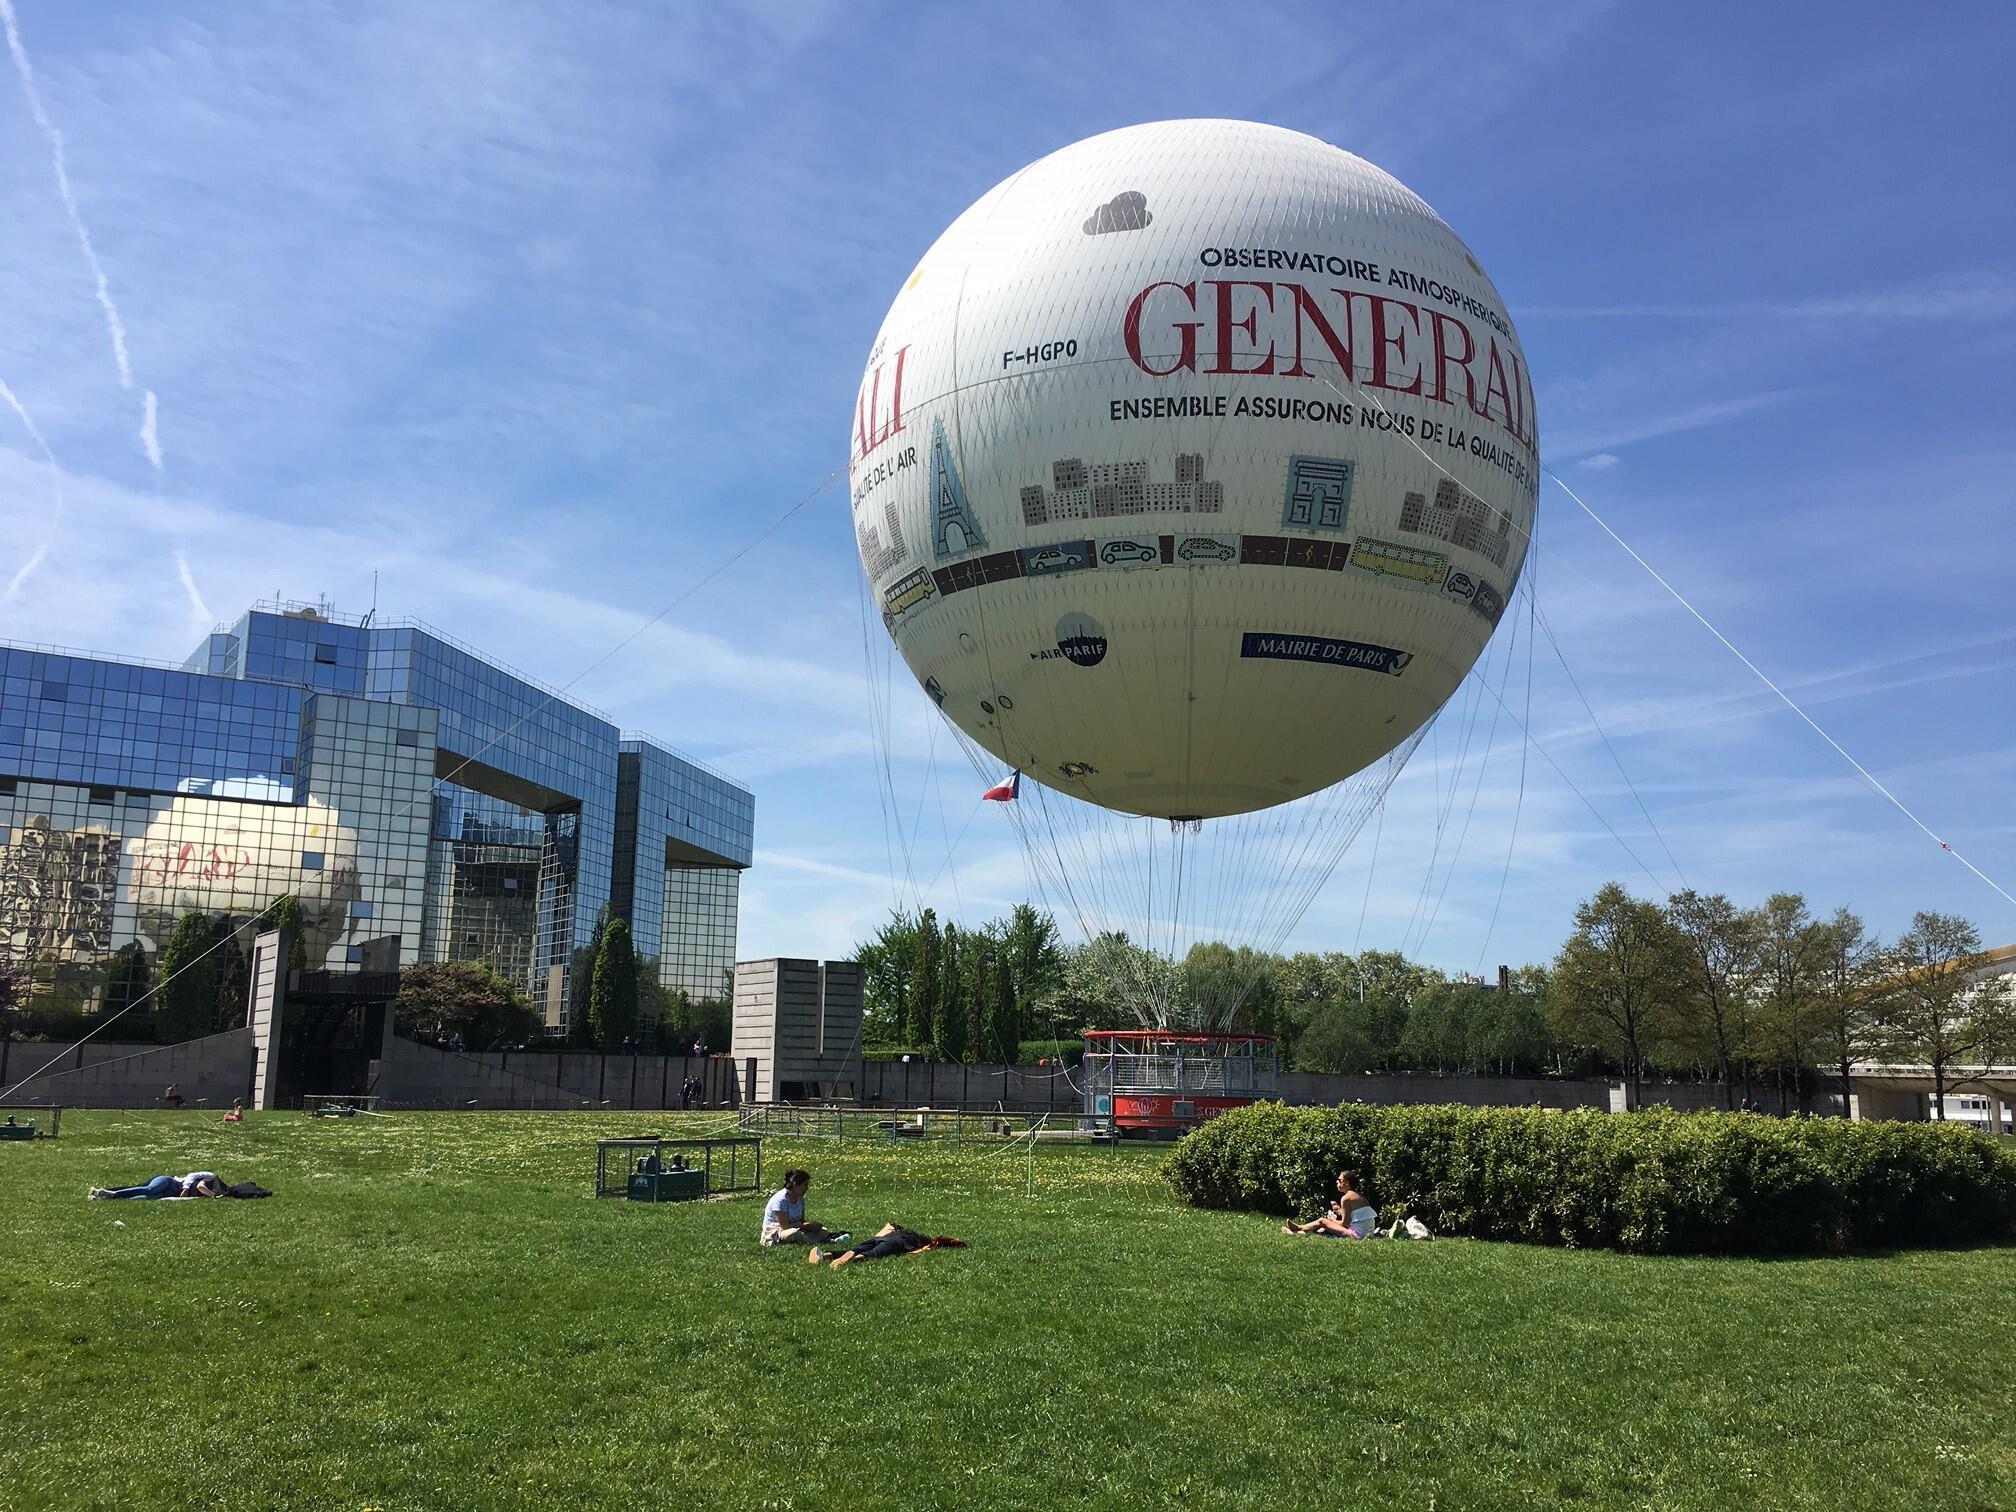 Em dias de tempo favorável, Balão de Paris faz até cinco voos por hora.